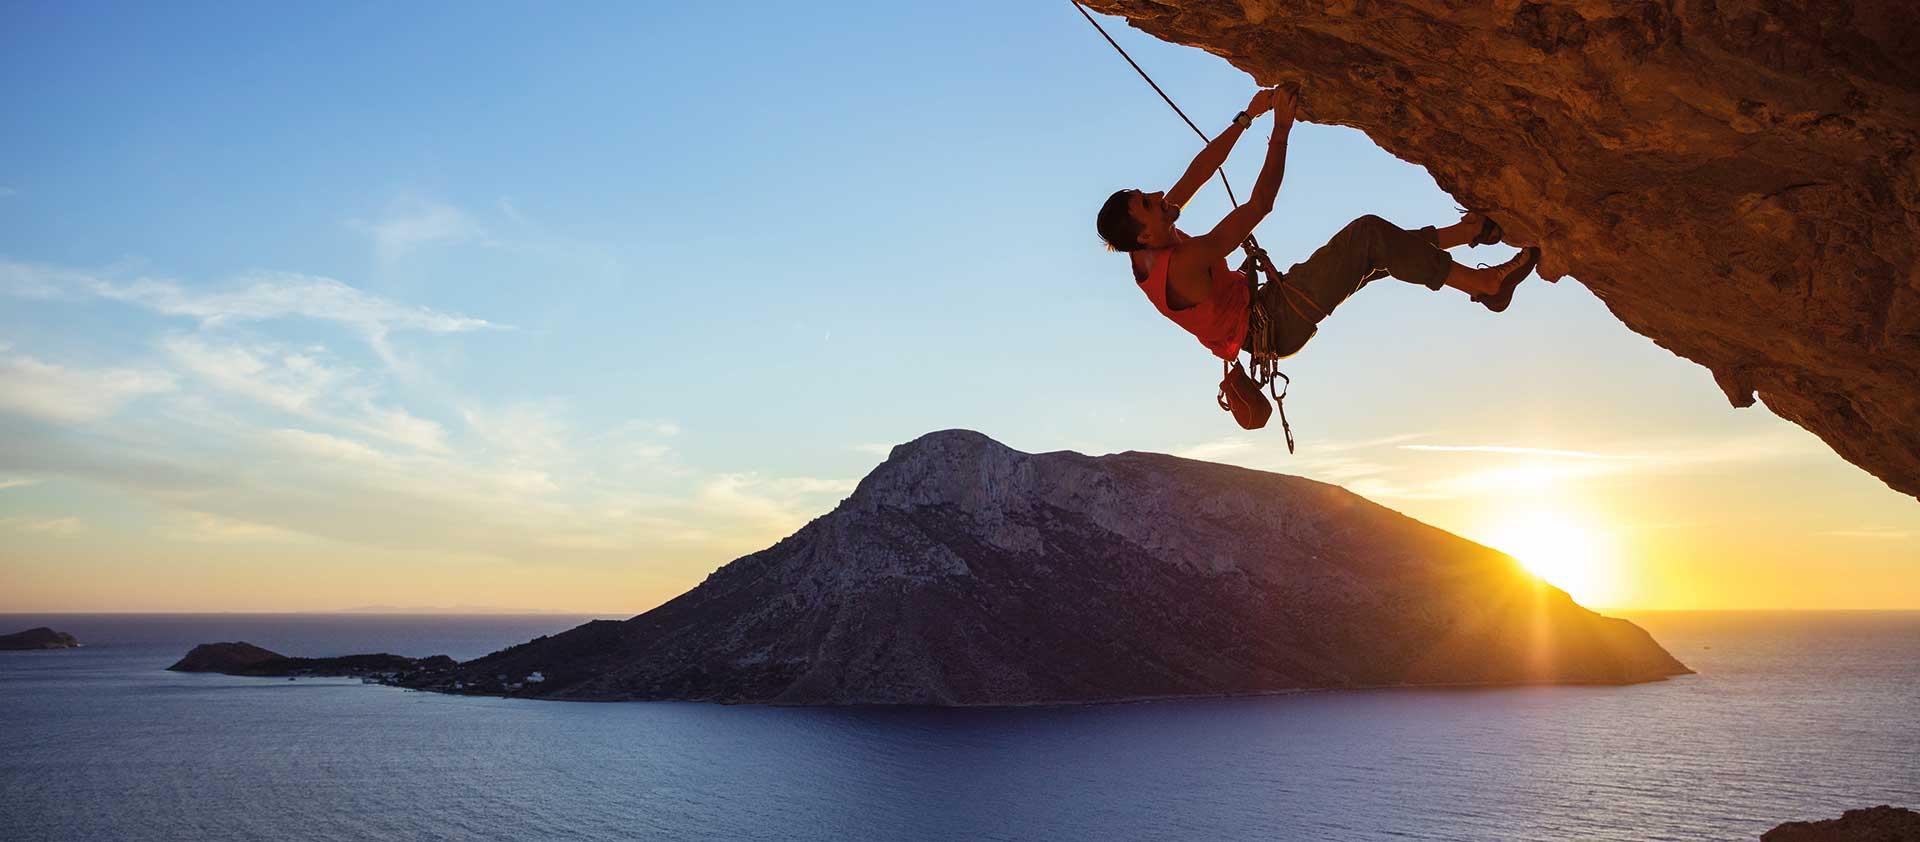 climber hanging